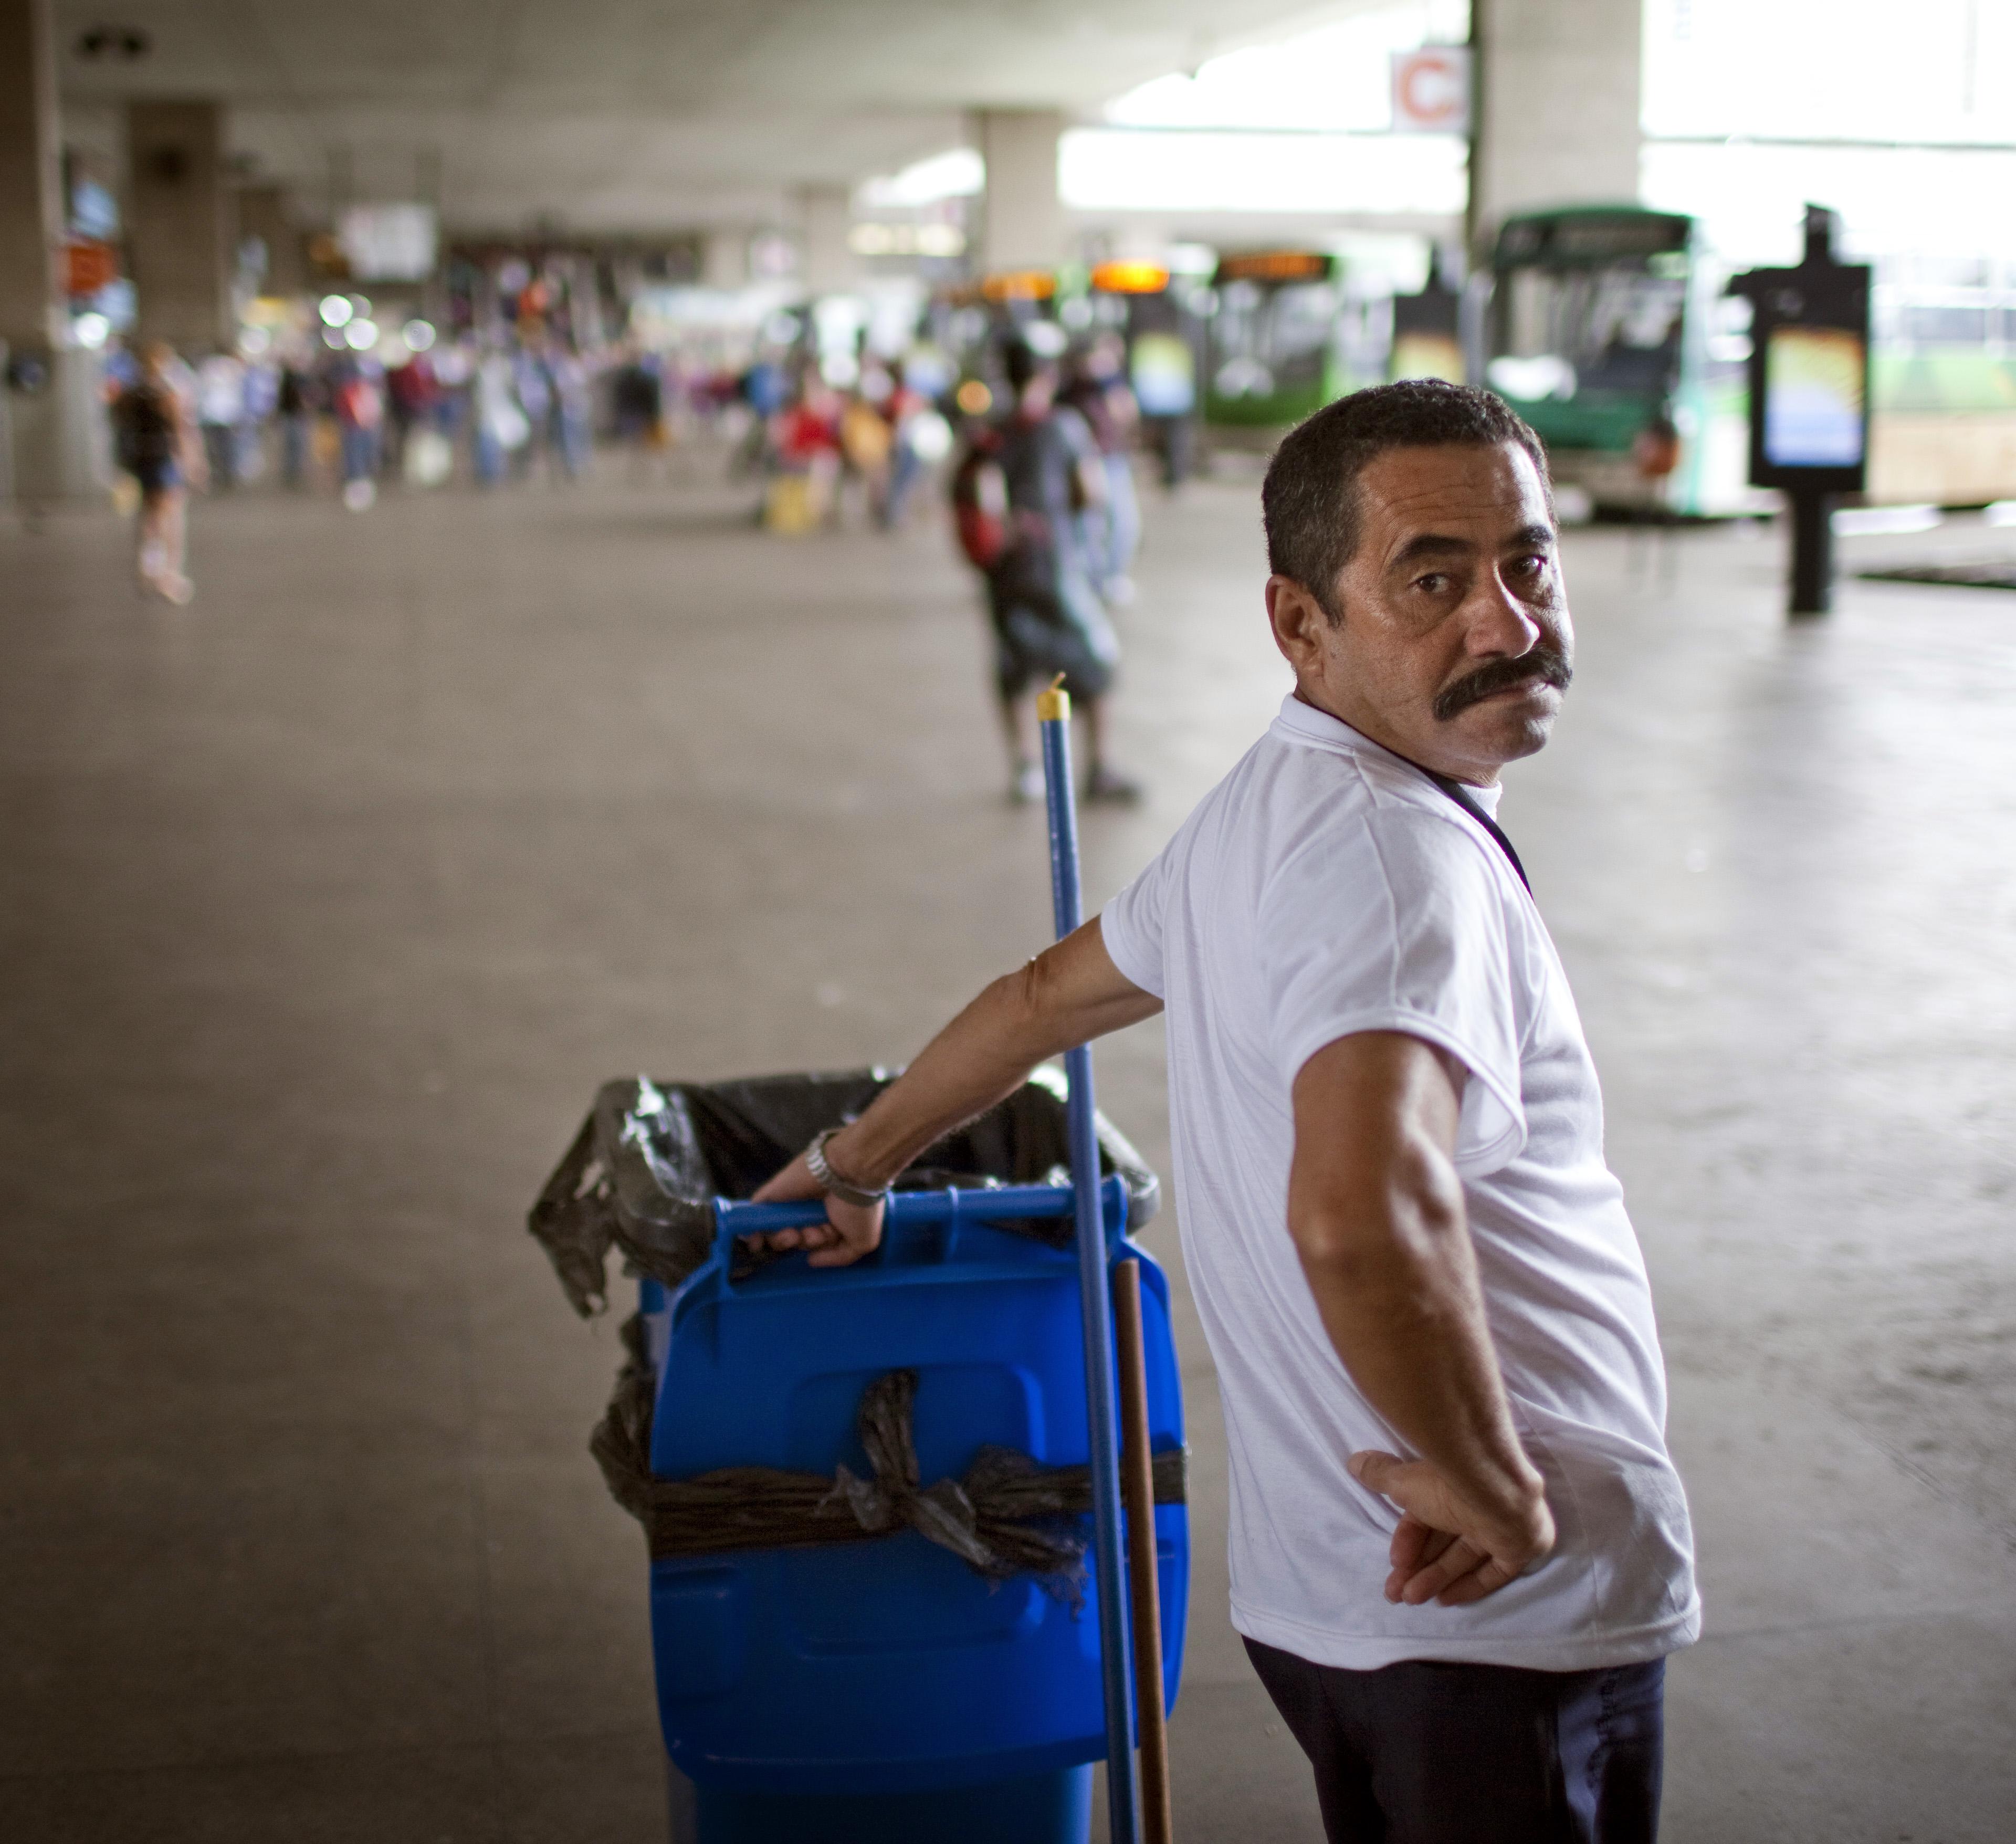 Reinigungskraft am Busbahnhof in Sao Paulo